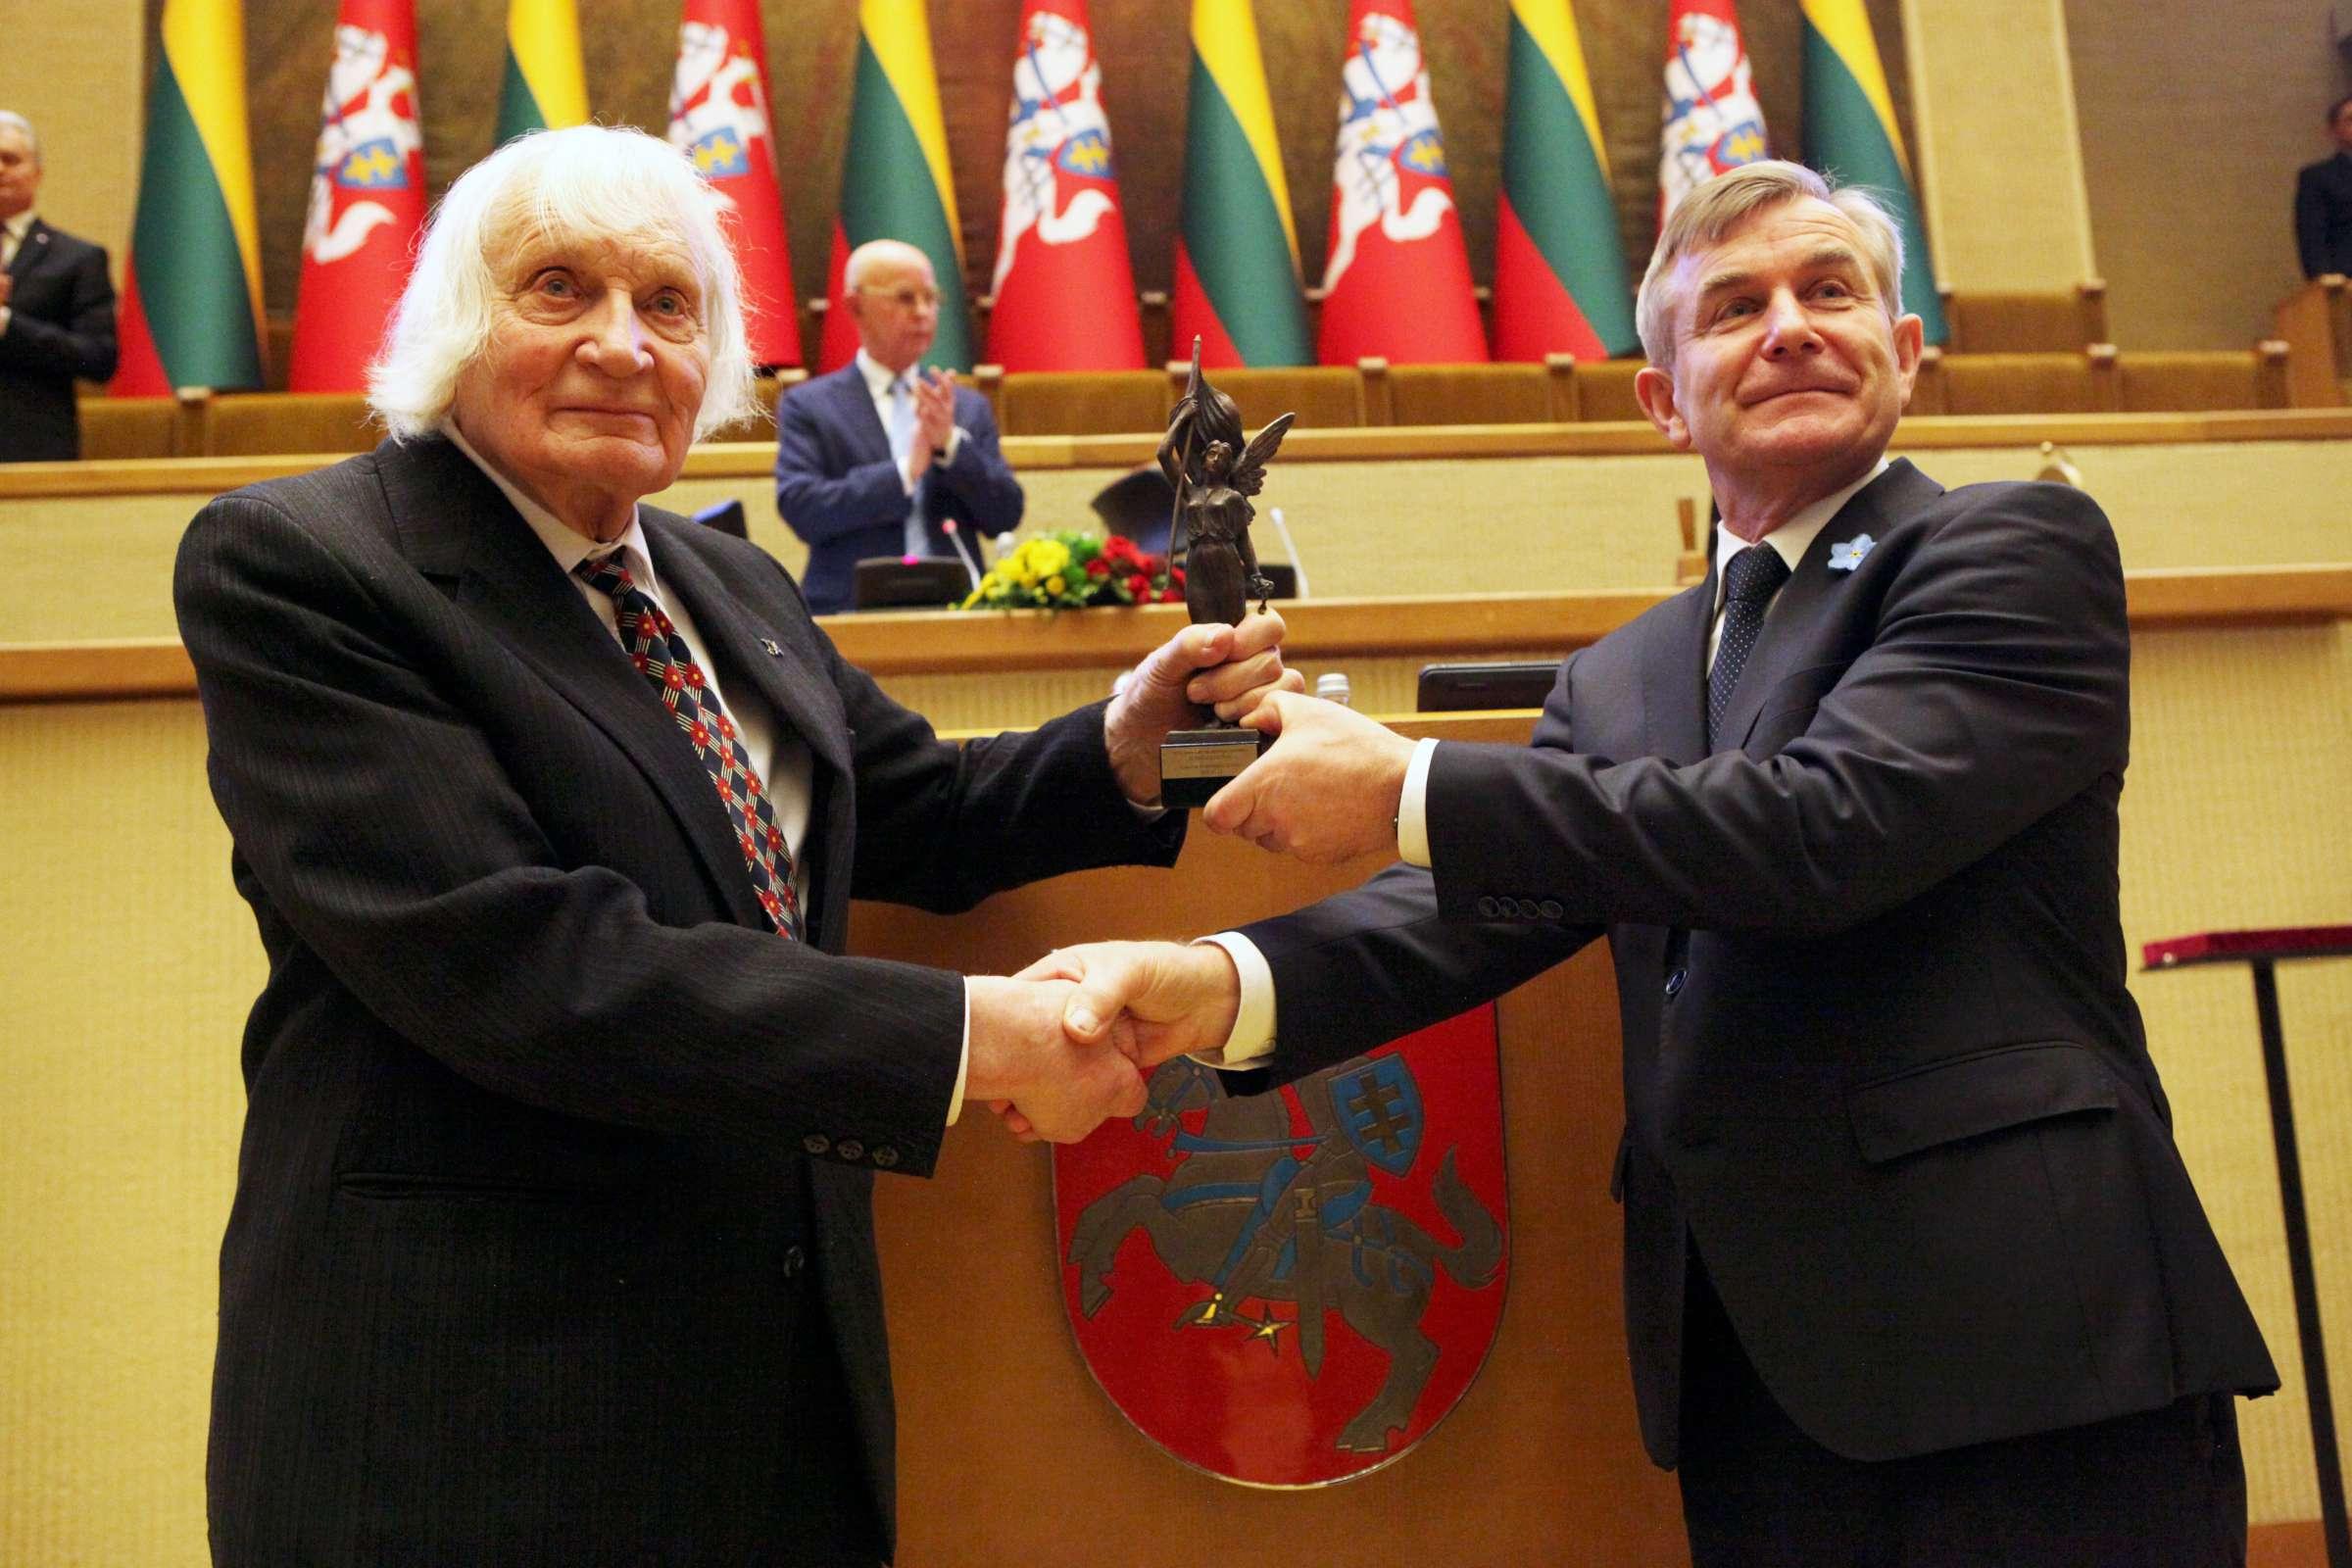 Albinui Kentrai 2019 metų Laisvės premiją įteikia Seimo pirmininkas Viktoras Pranckietis | K. Driskiaus nuotr.